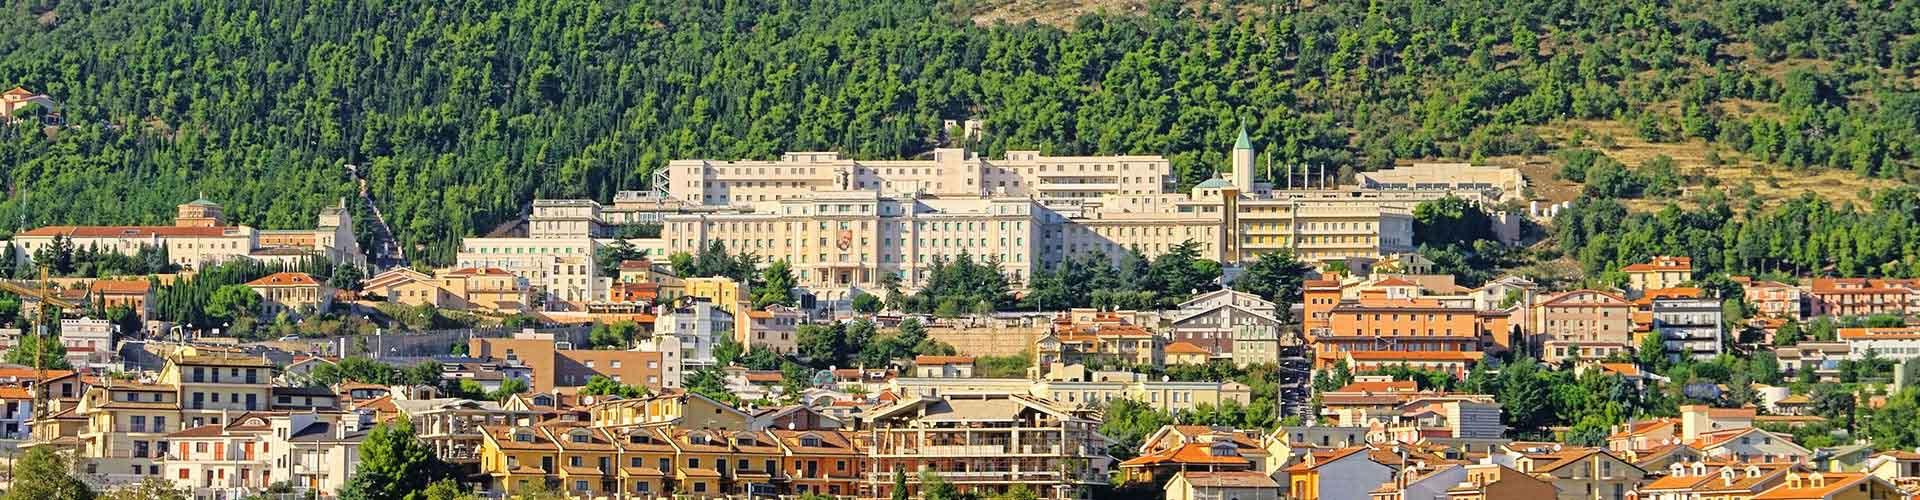 フィレンツェ – San Giovanni地区のユースホステル. 地図 フィレンツェ, すべてのユースホステルの写真とレビュー フィレンツェ.